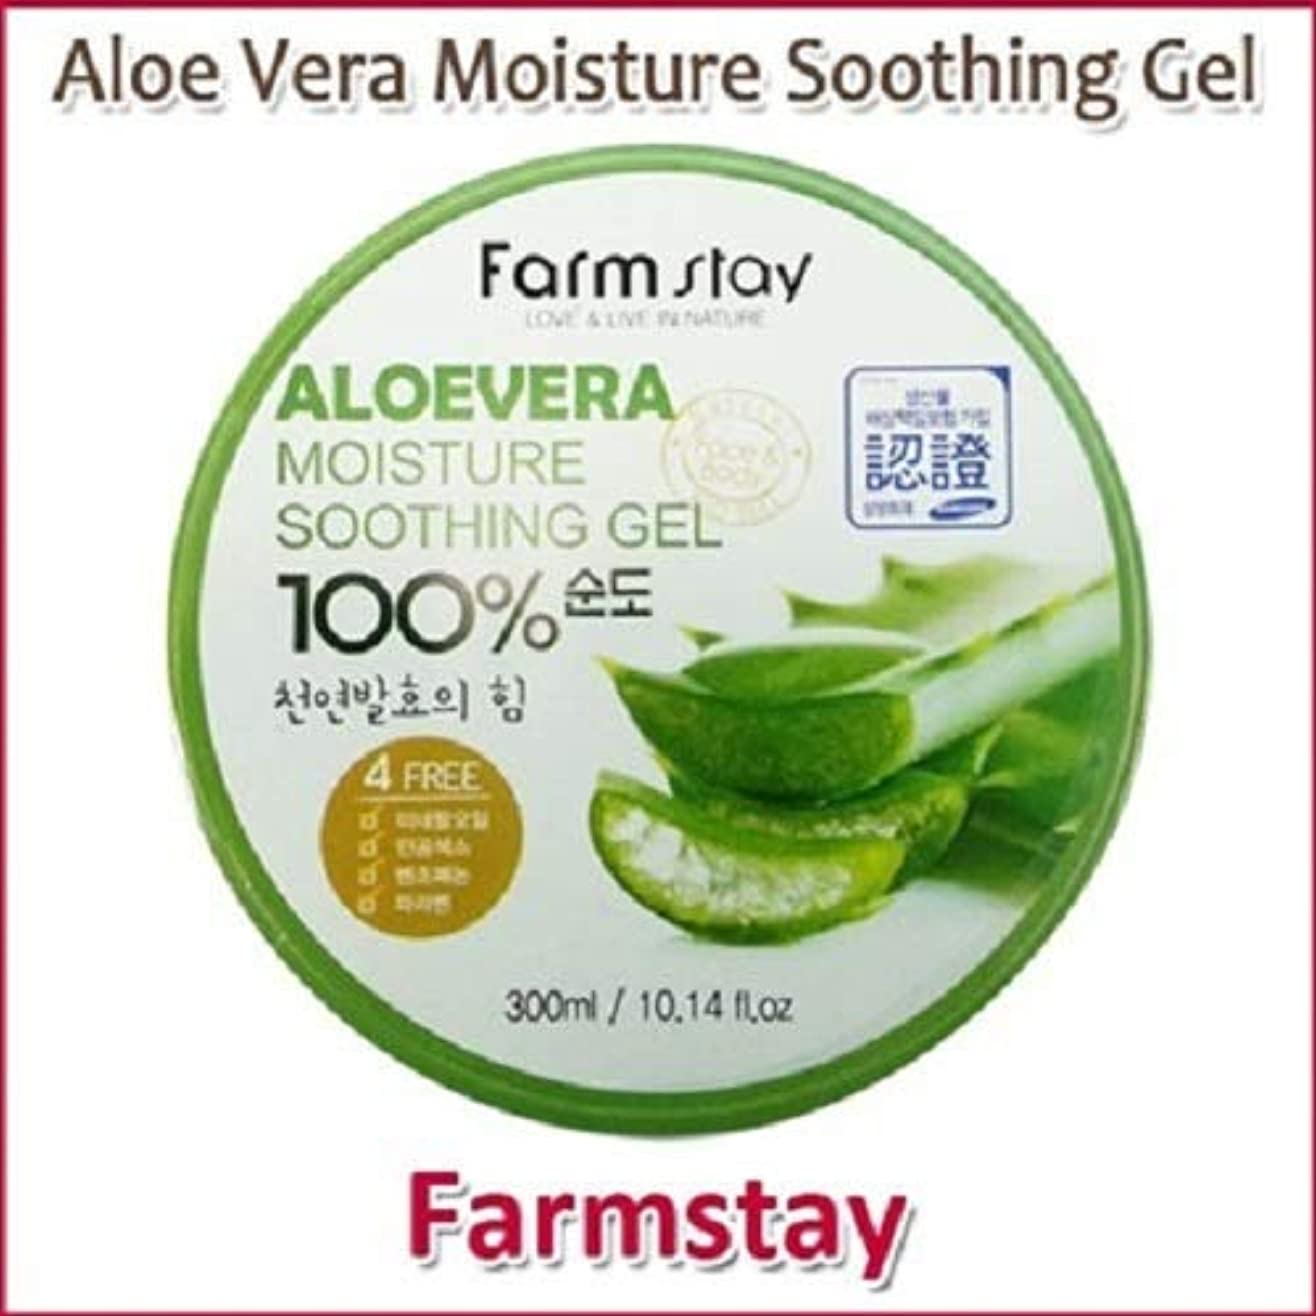 ヘロイン非武装化麻痺Farm Stay Aloe Vera Moisture Soothing Gel 300ml /オーガニック アロエベラゲル 100%/保湿ケア/韓国コスメ/Aloe Vera 100% /Moisturizing [...